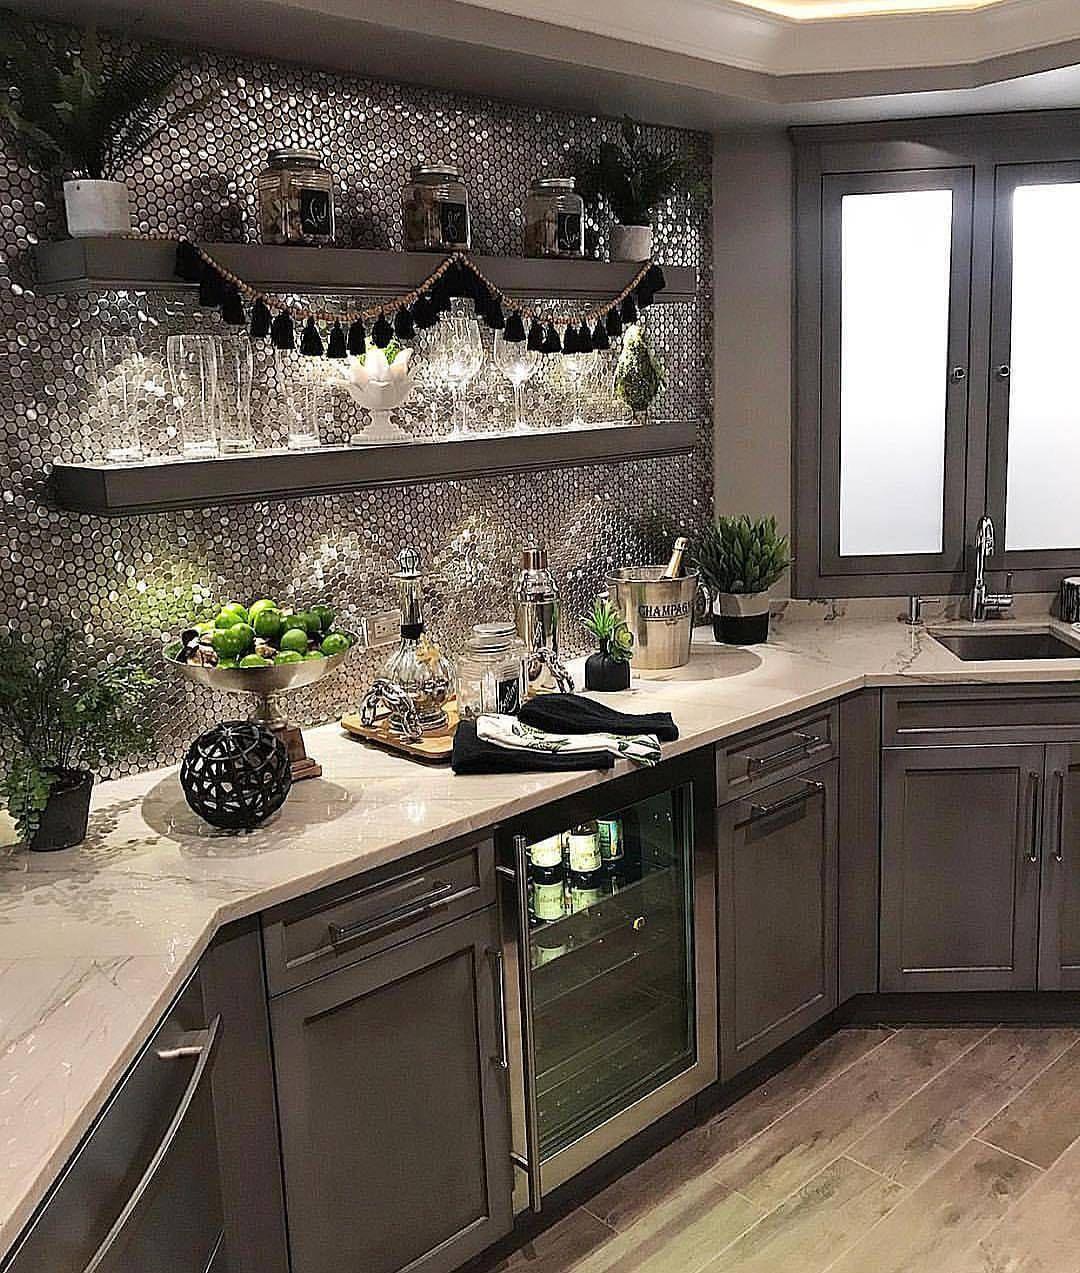 Pinterest @SoRose95 | Apartment | Pinterest | Die küche, Küche und Runde